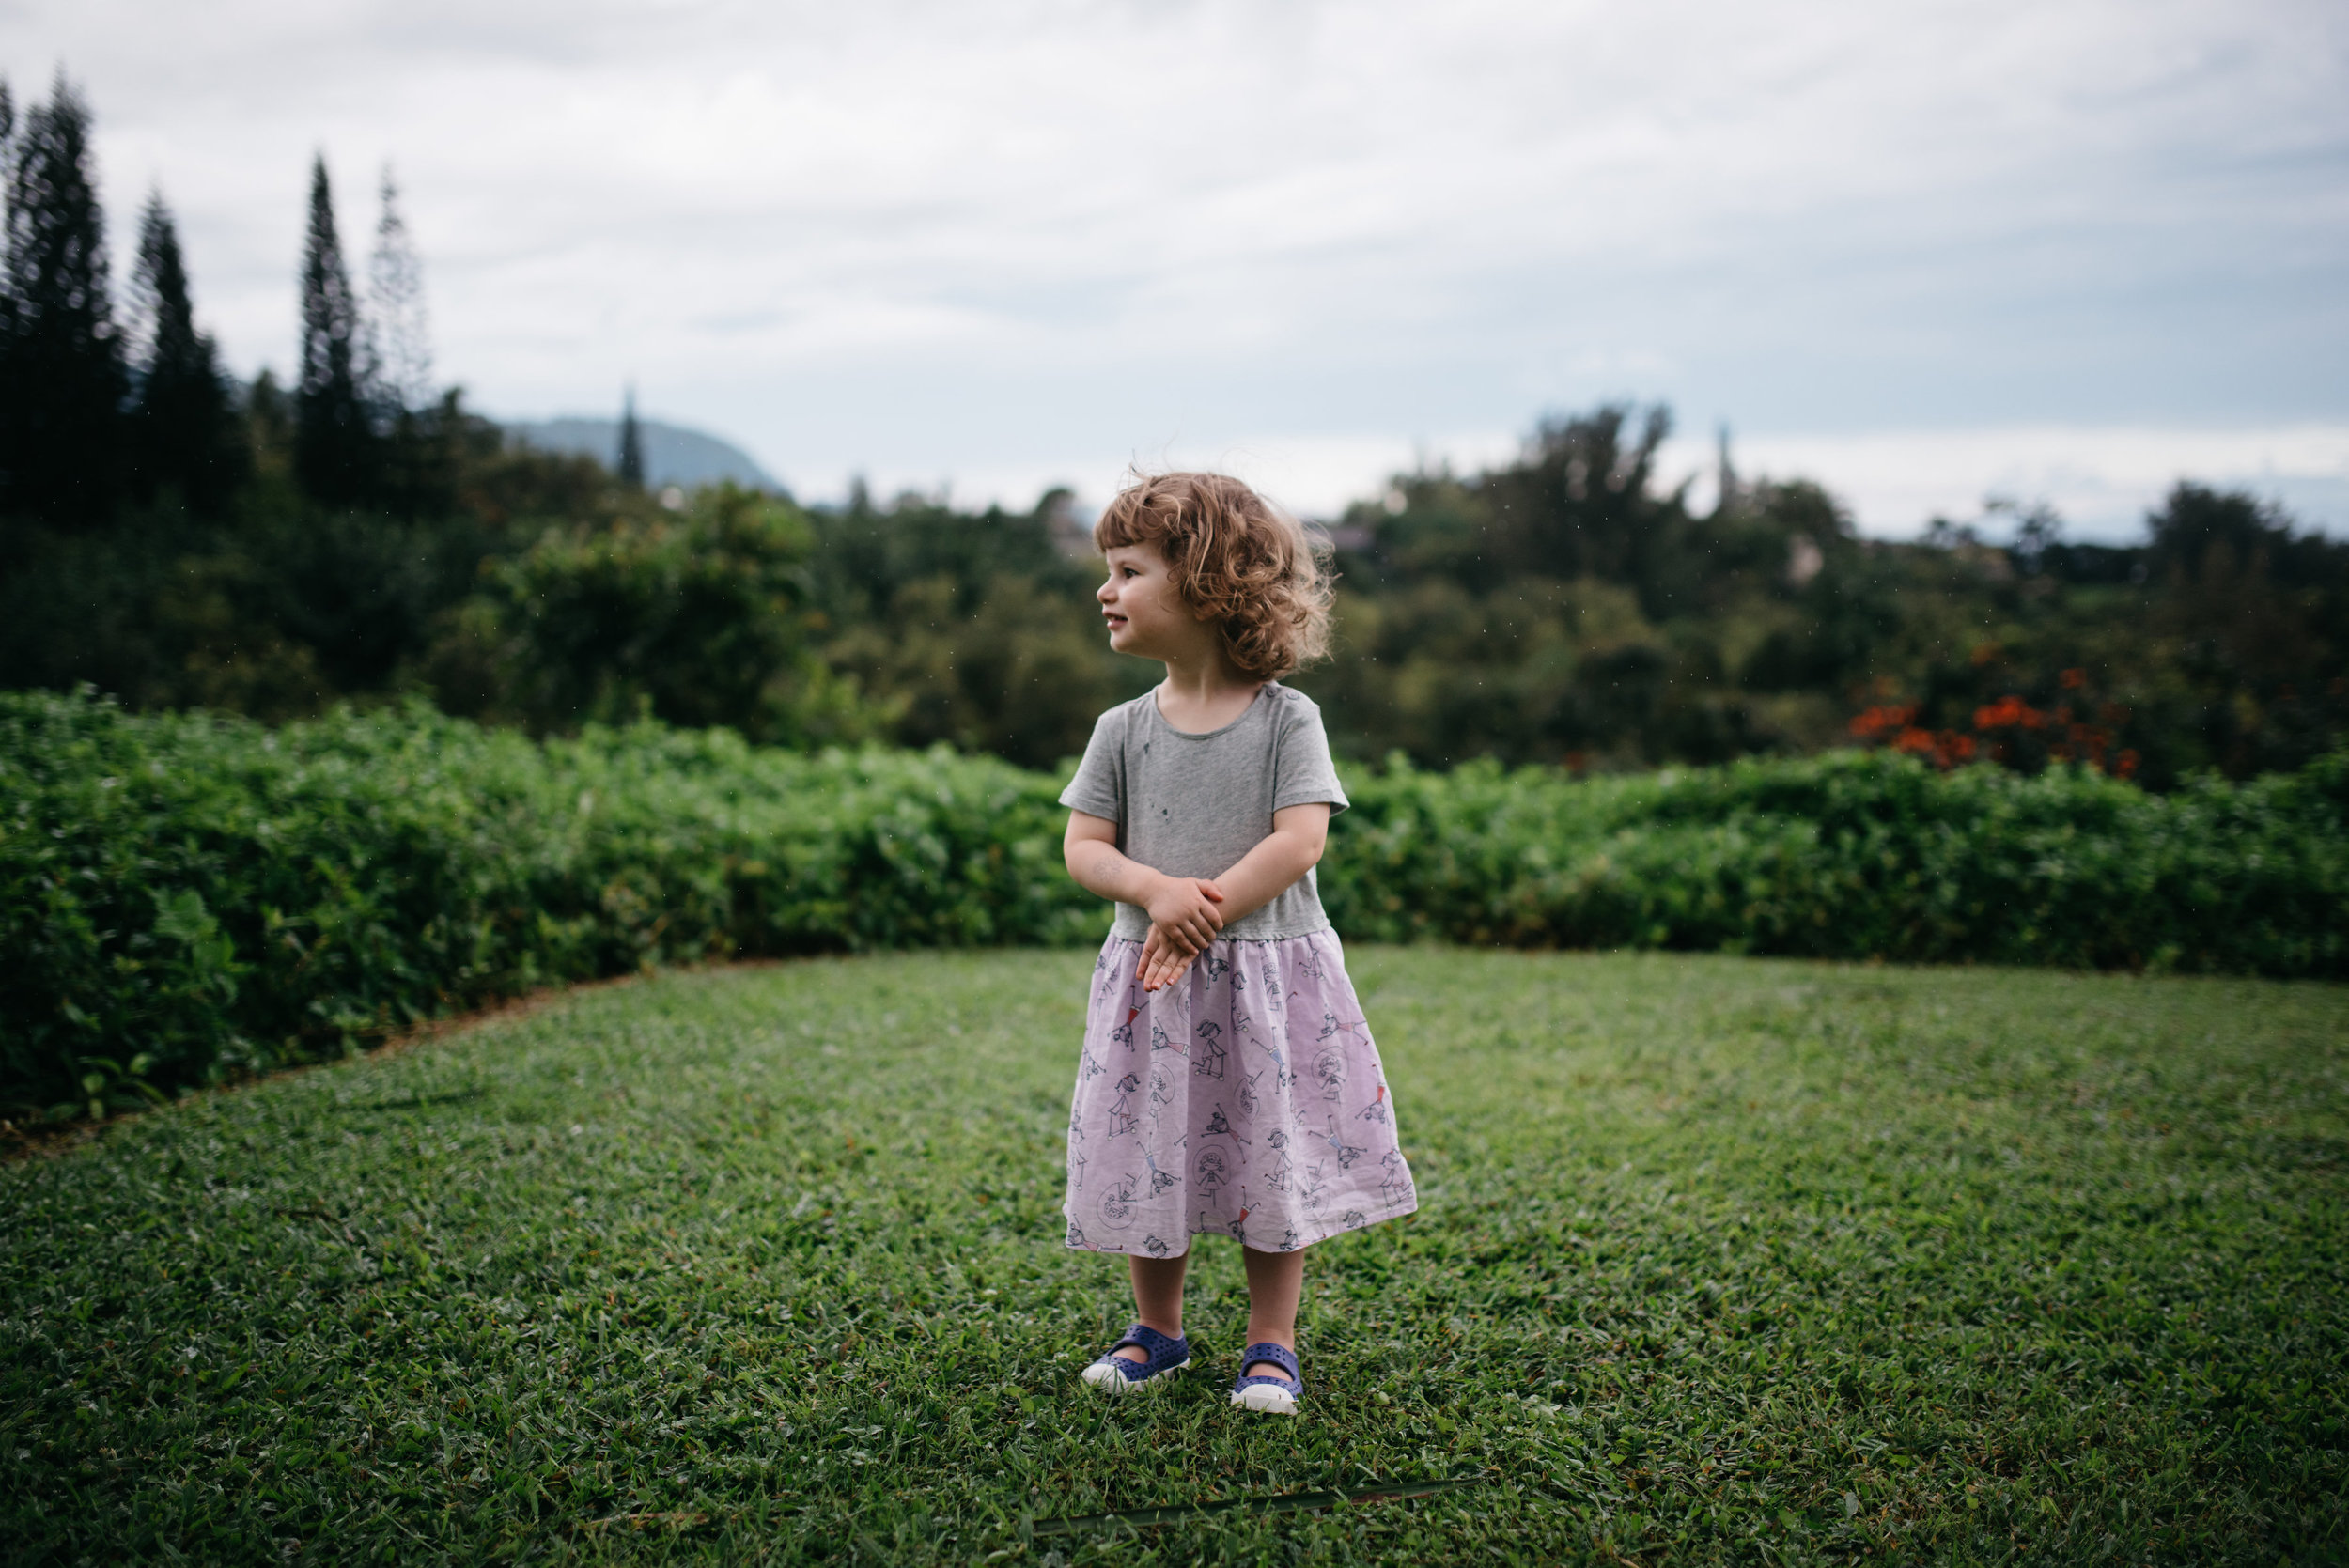 kauai2018-57.jpg